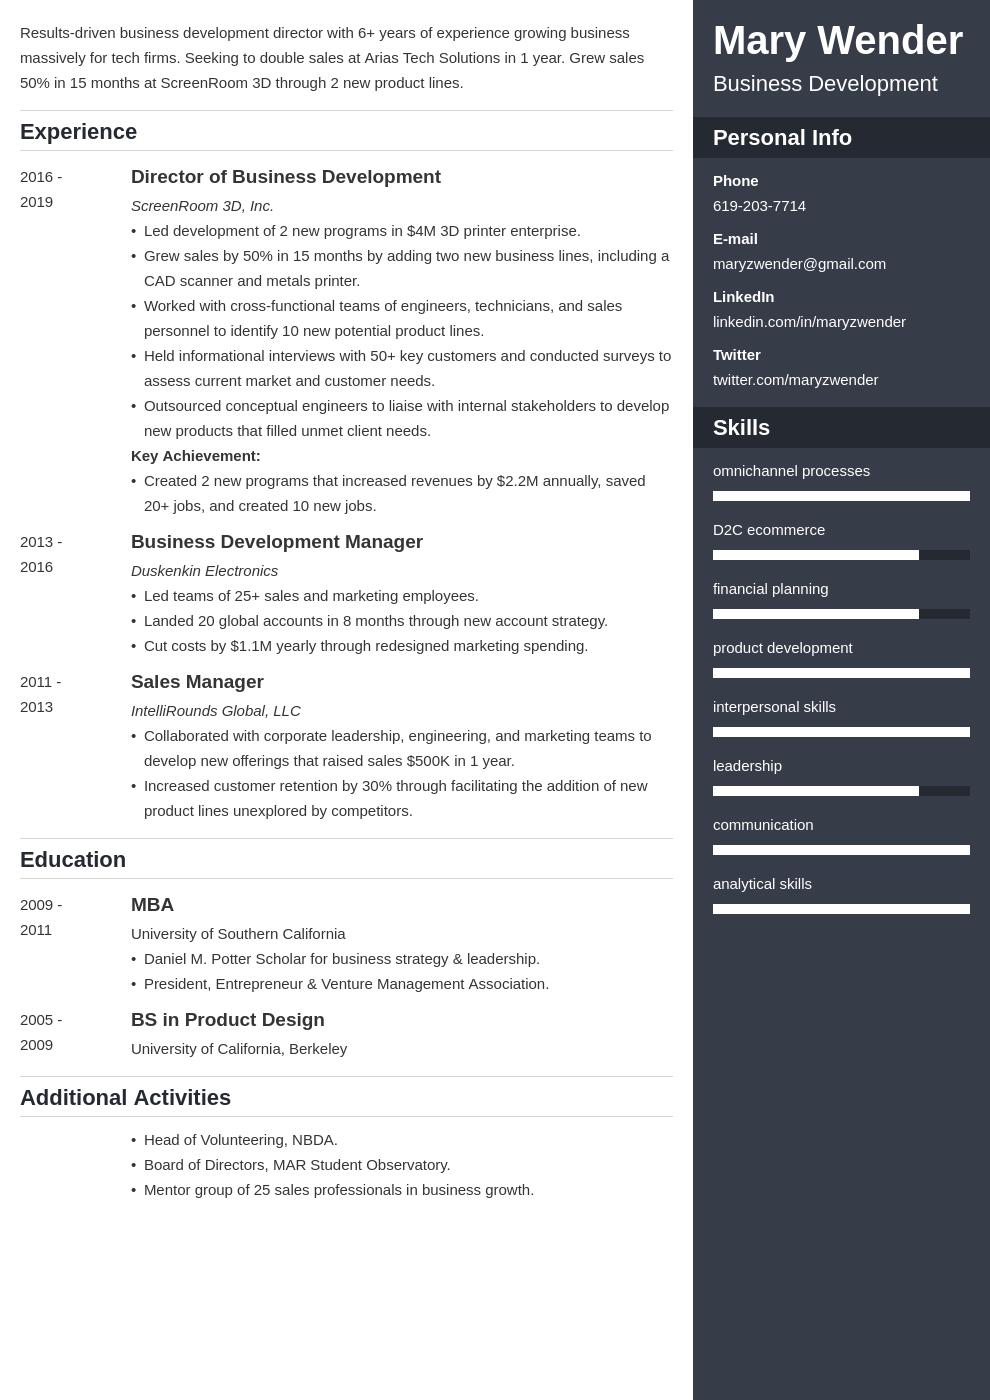 business development template enfold uk